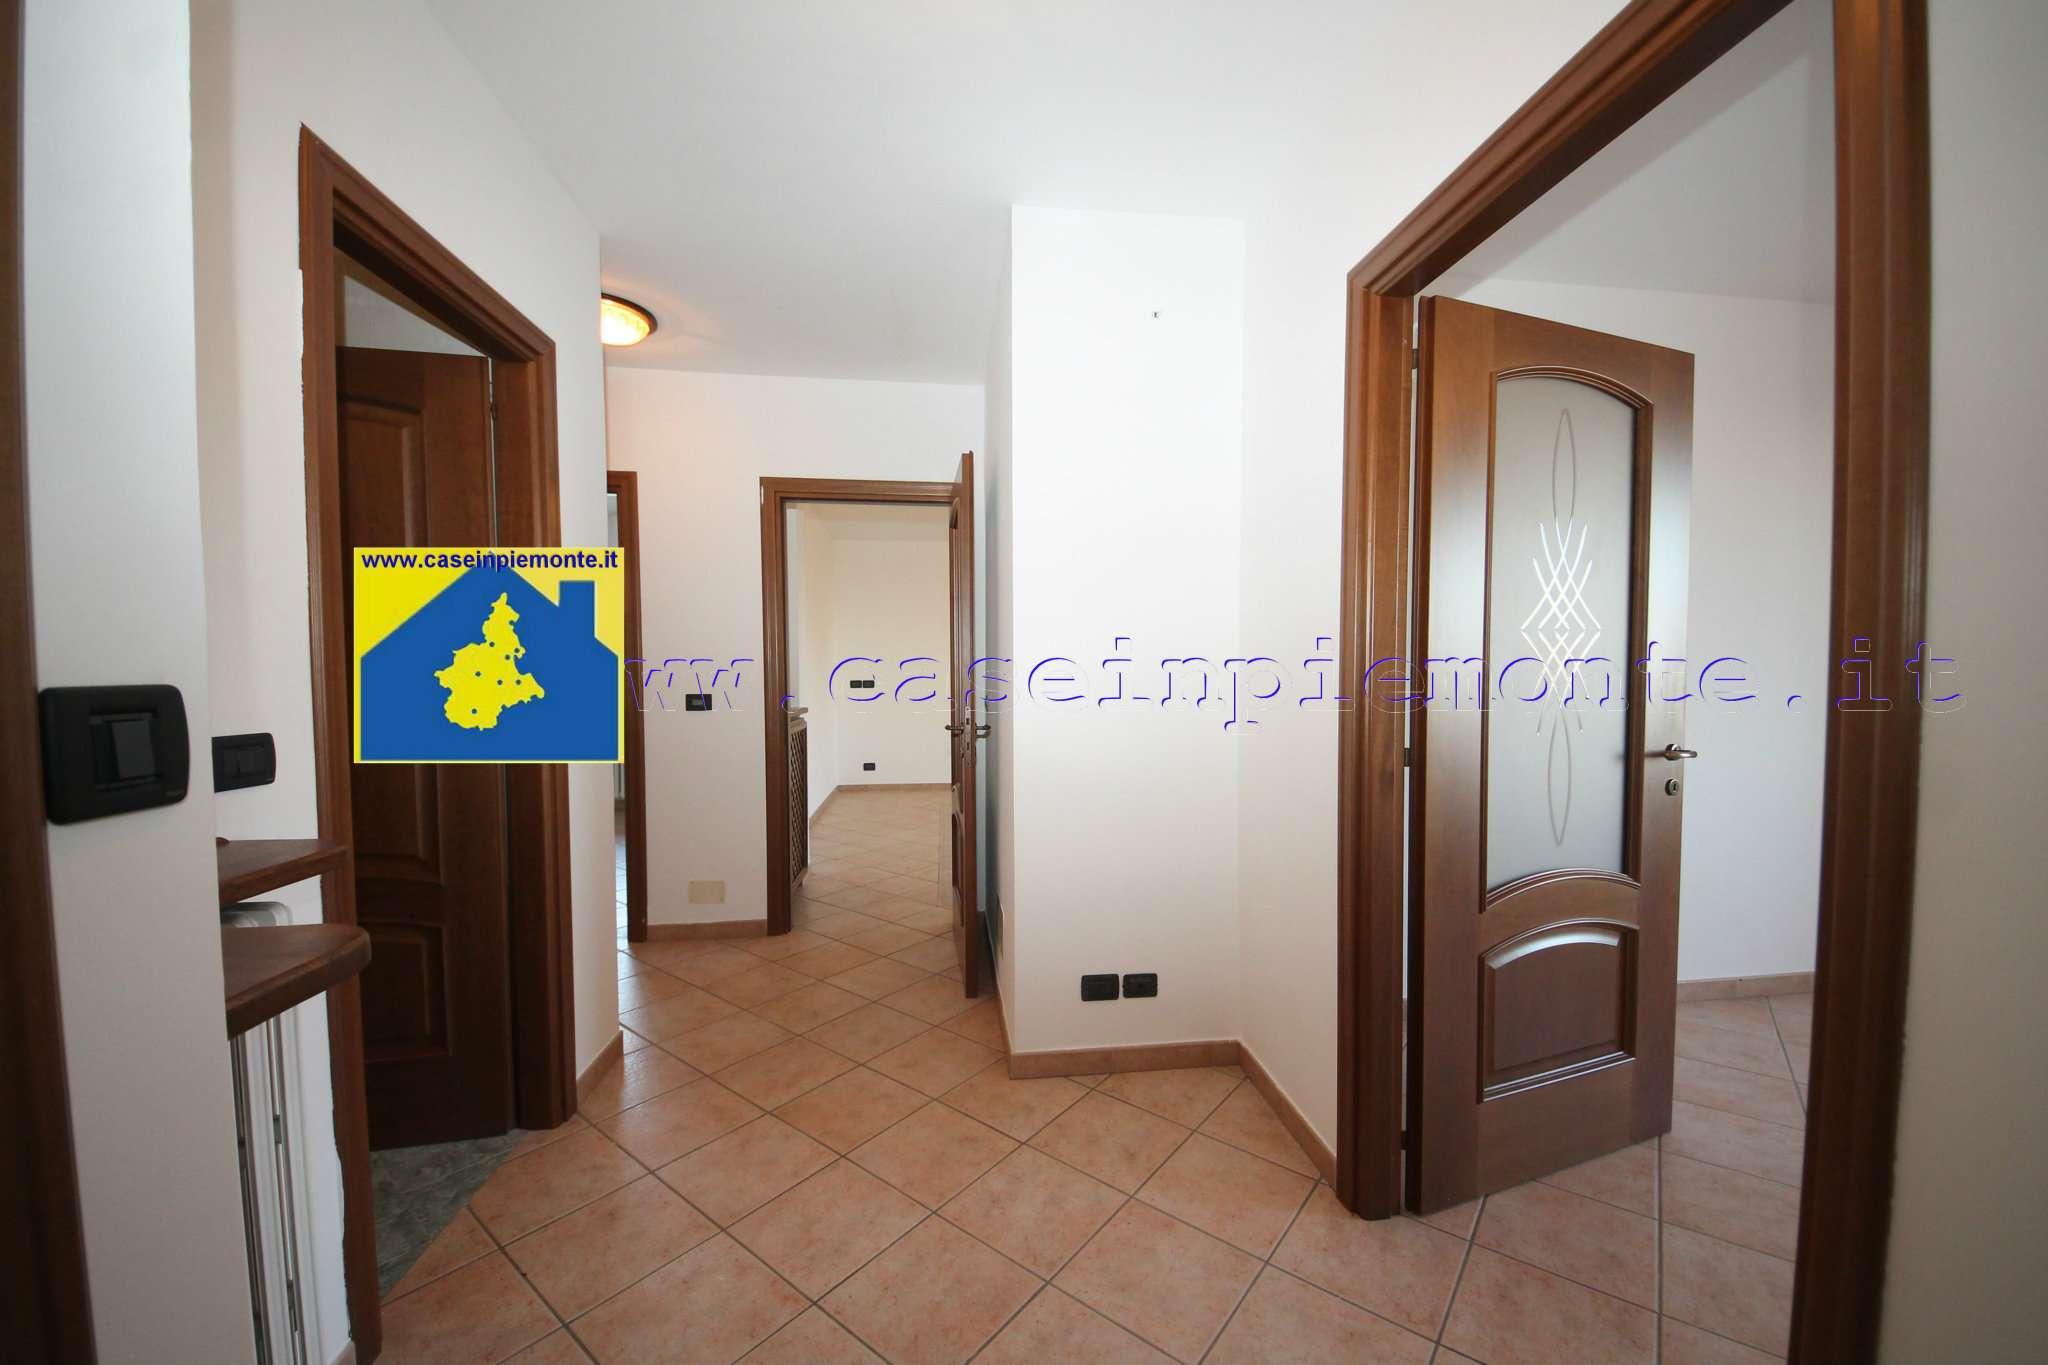 Appartamento in vendita a Givoletto, 4 locali, prezzo € 160.000 | CambioCasa.it